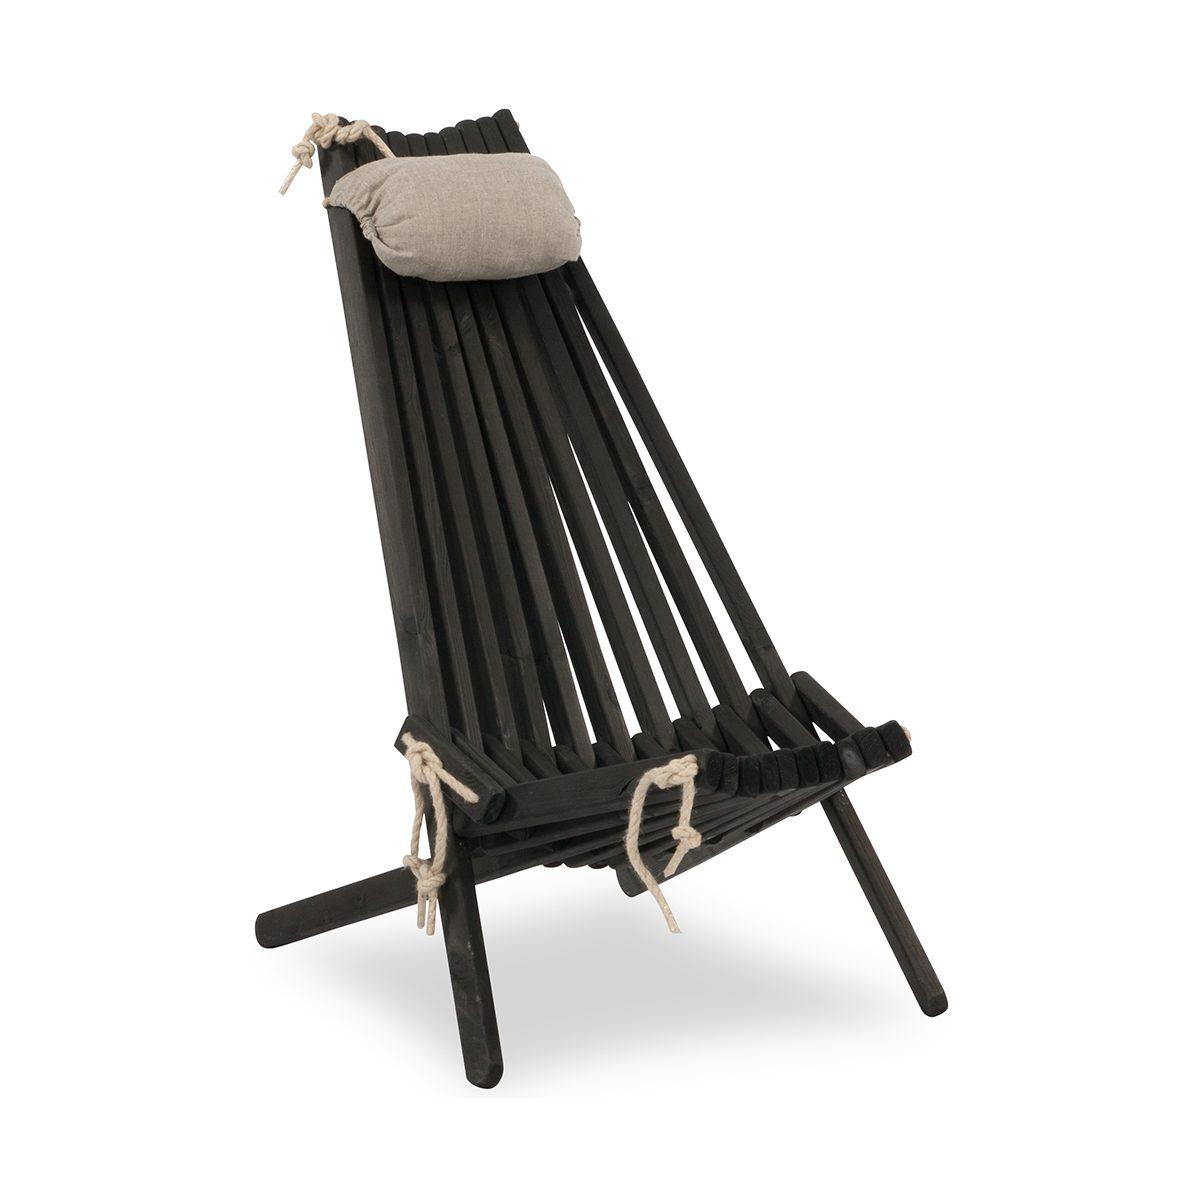 Ribbon vilstol i svartlaserad furu med nackkudde.